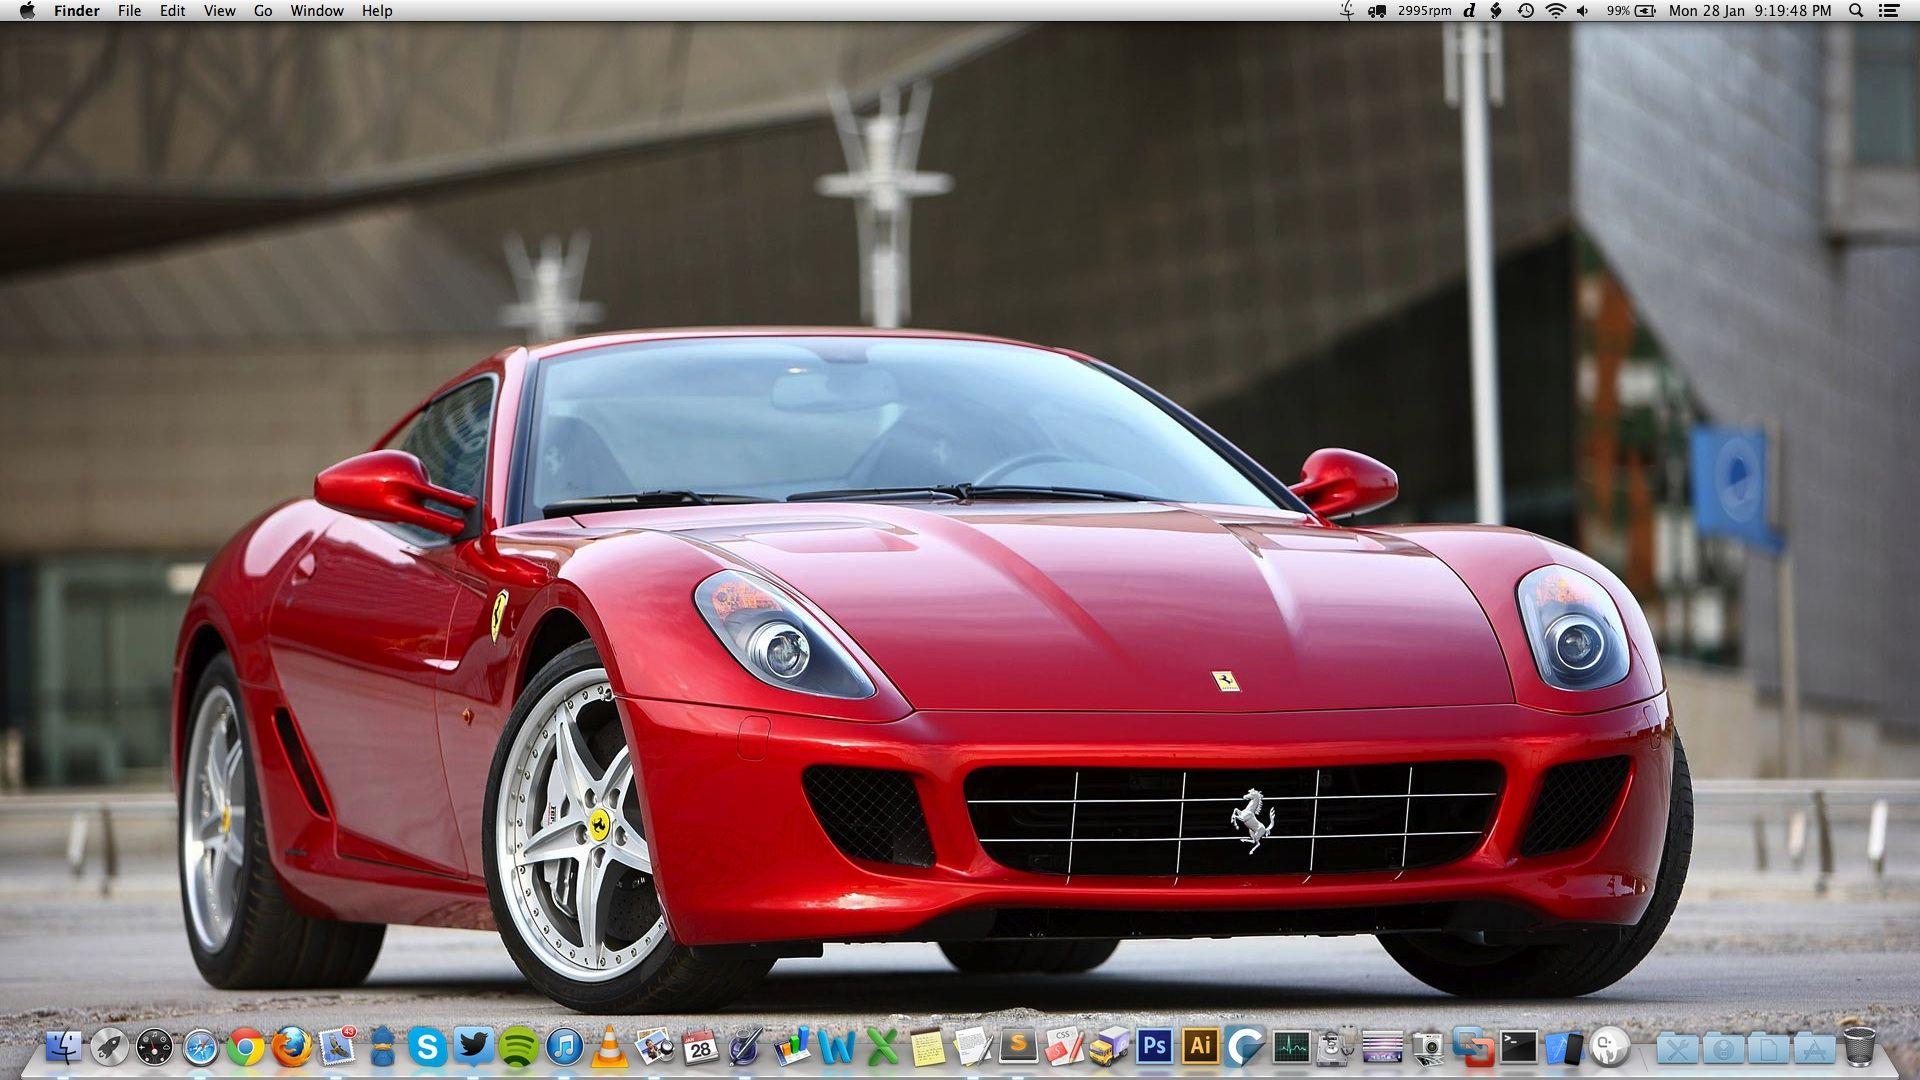 10 Mac OS X Desktop Screenshots Wallpaper Screenshot